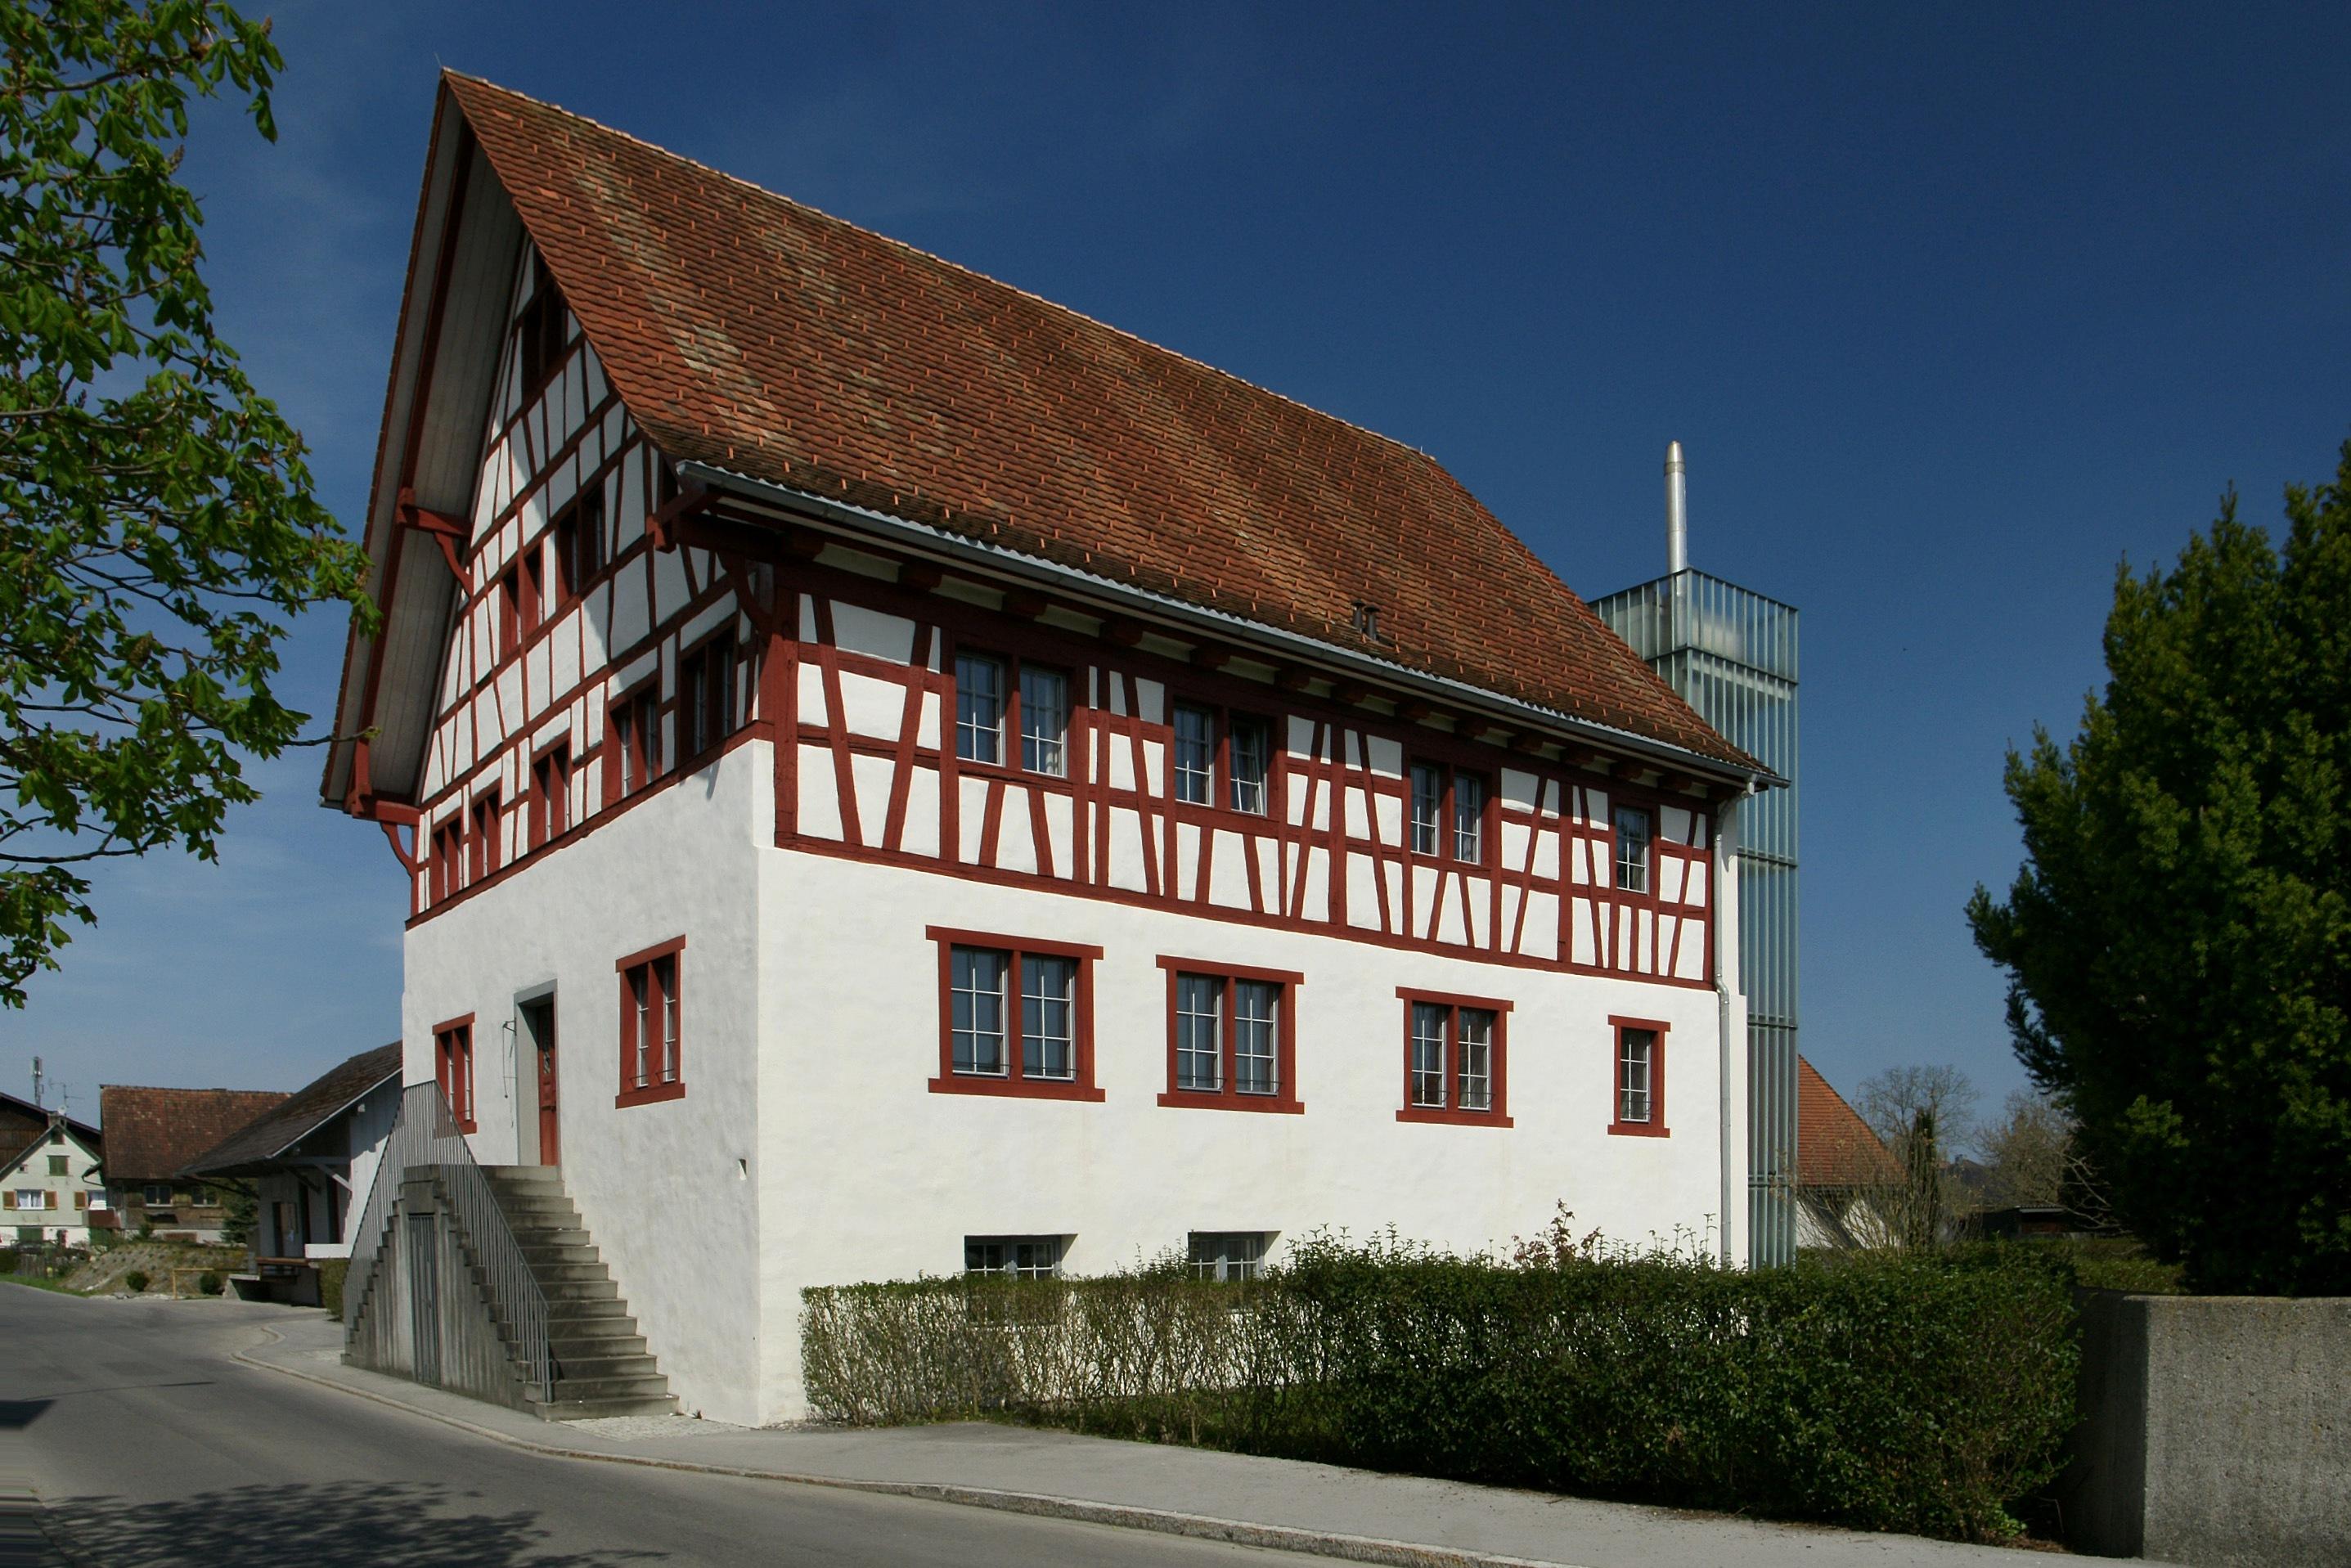 Das Wirtshaus zur Rose, erbaut 1735 von Johannes Lutz im Typus eines stattlichen Thurgauer Fachwerkbaus in Gaißau, Vorarlberg, Österreich